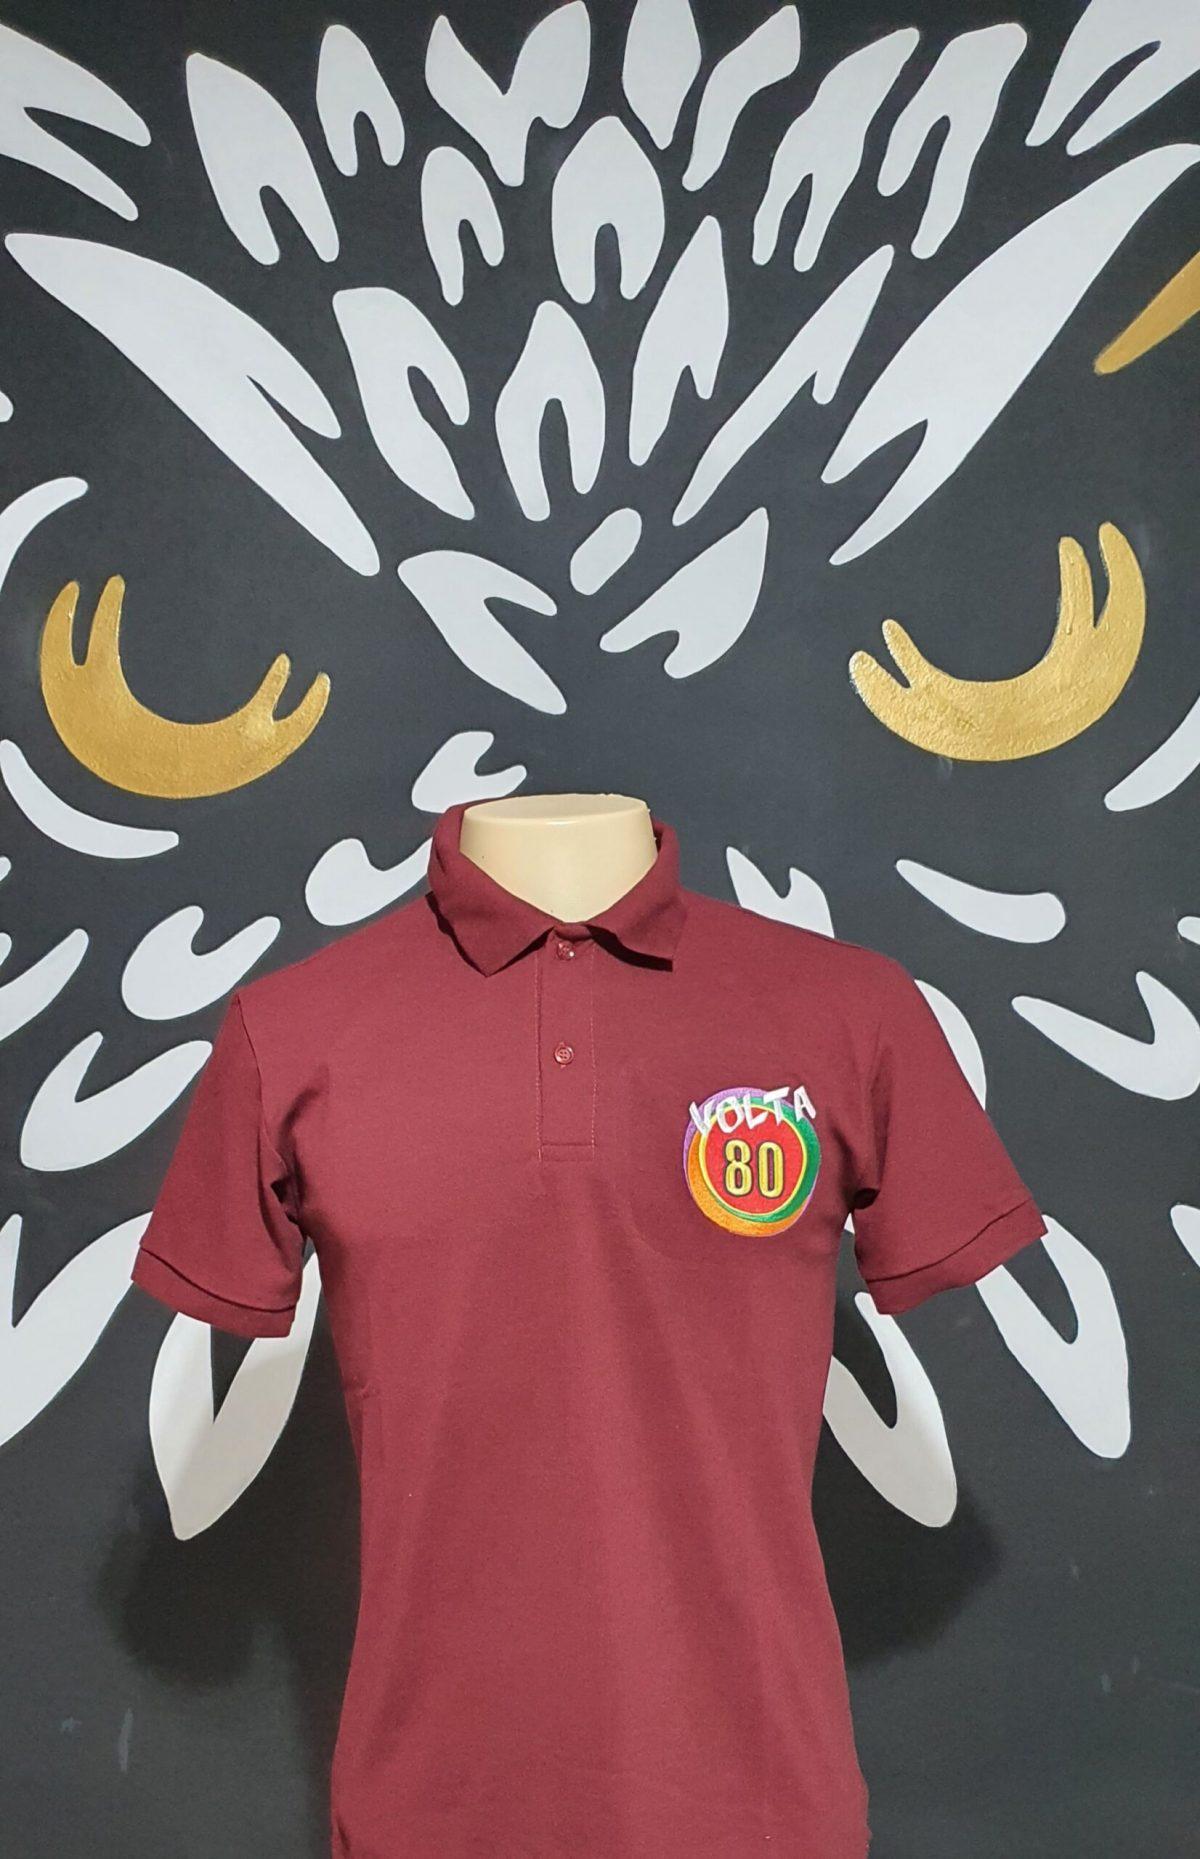 Camisa Polo Bordada da Festa Volta 80 - Logotipo Oficial Volta 80 - by Bordado & Cia - @bordado.cia @volta80